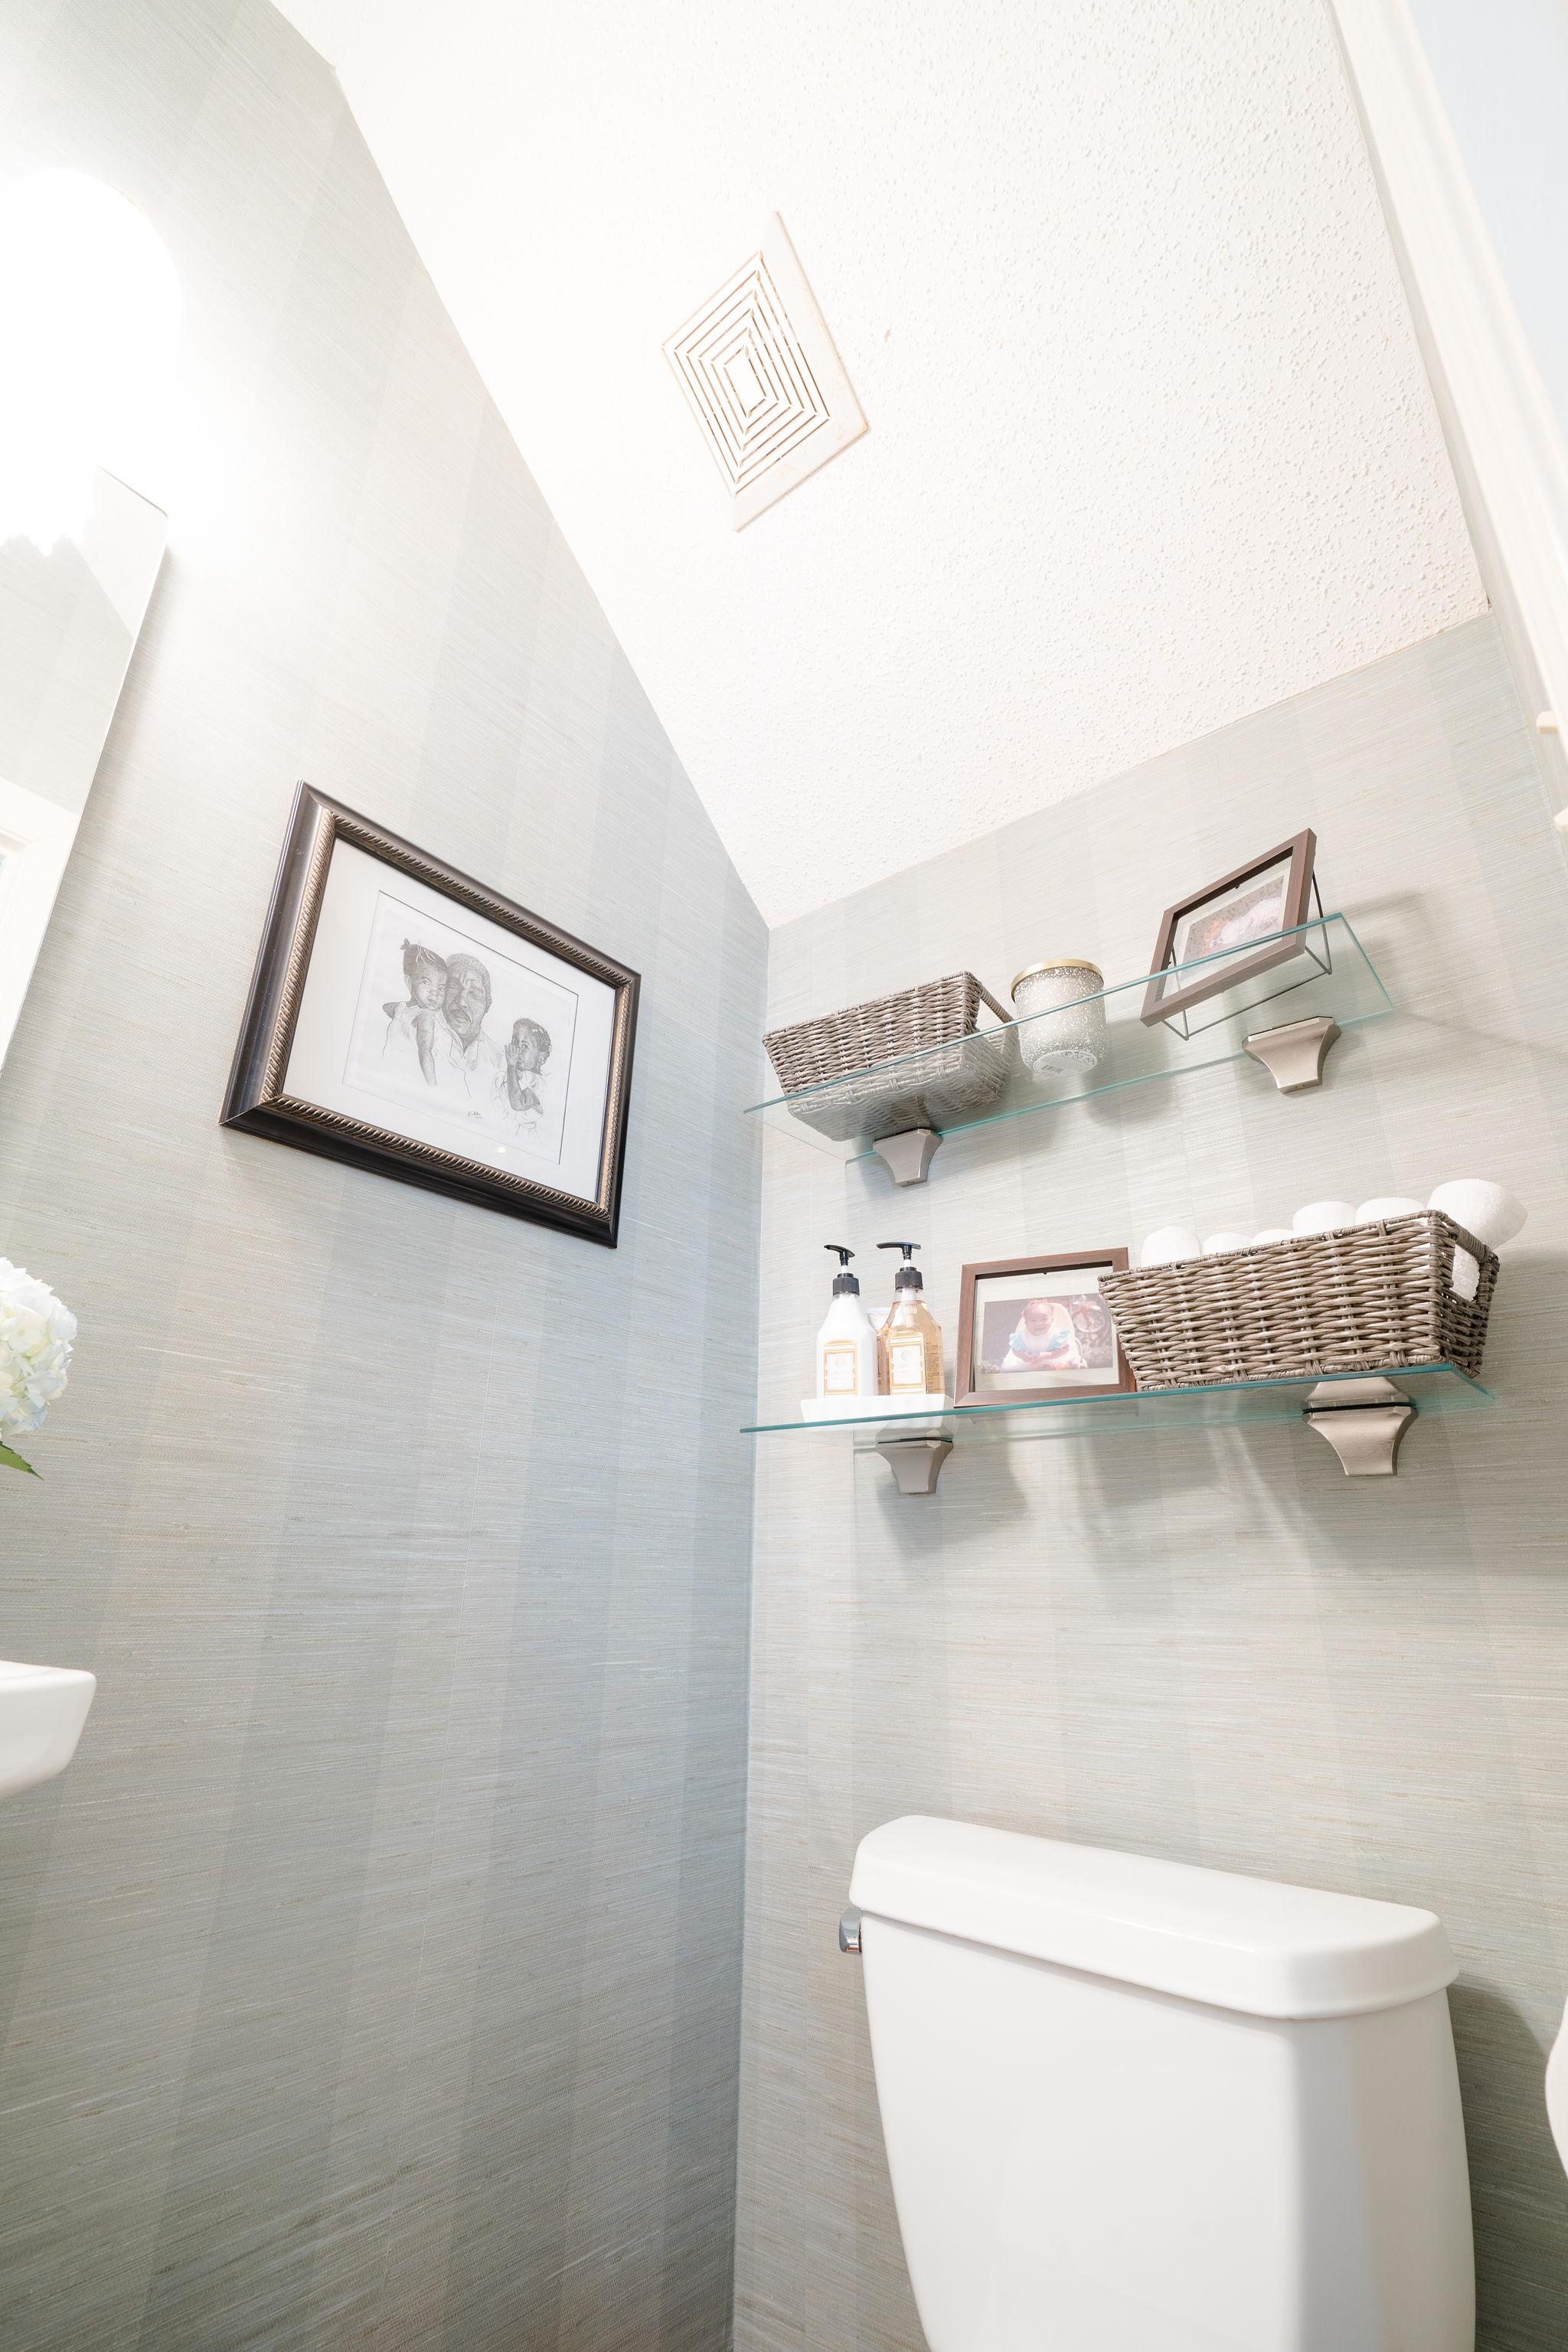 Niki McNeill Raleigh NC Interior Designer SingleBubblePop Design Studio Bathroom Renovation Remodel Refresh Pfister faucets22.jpg